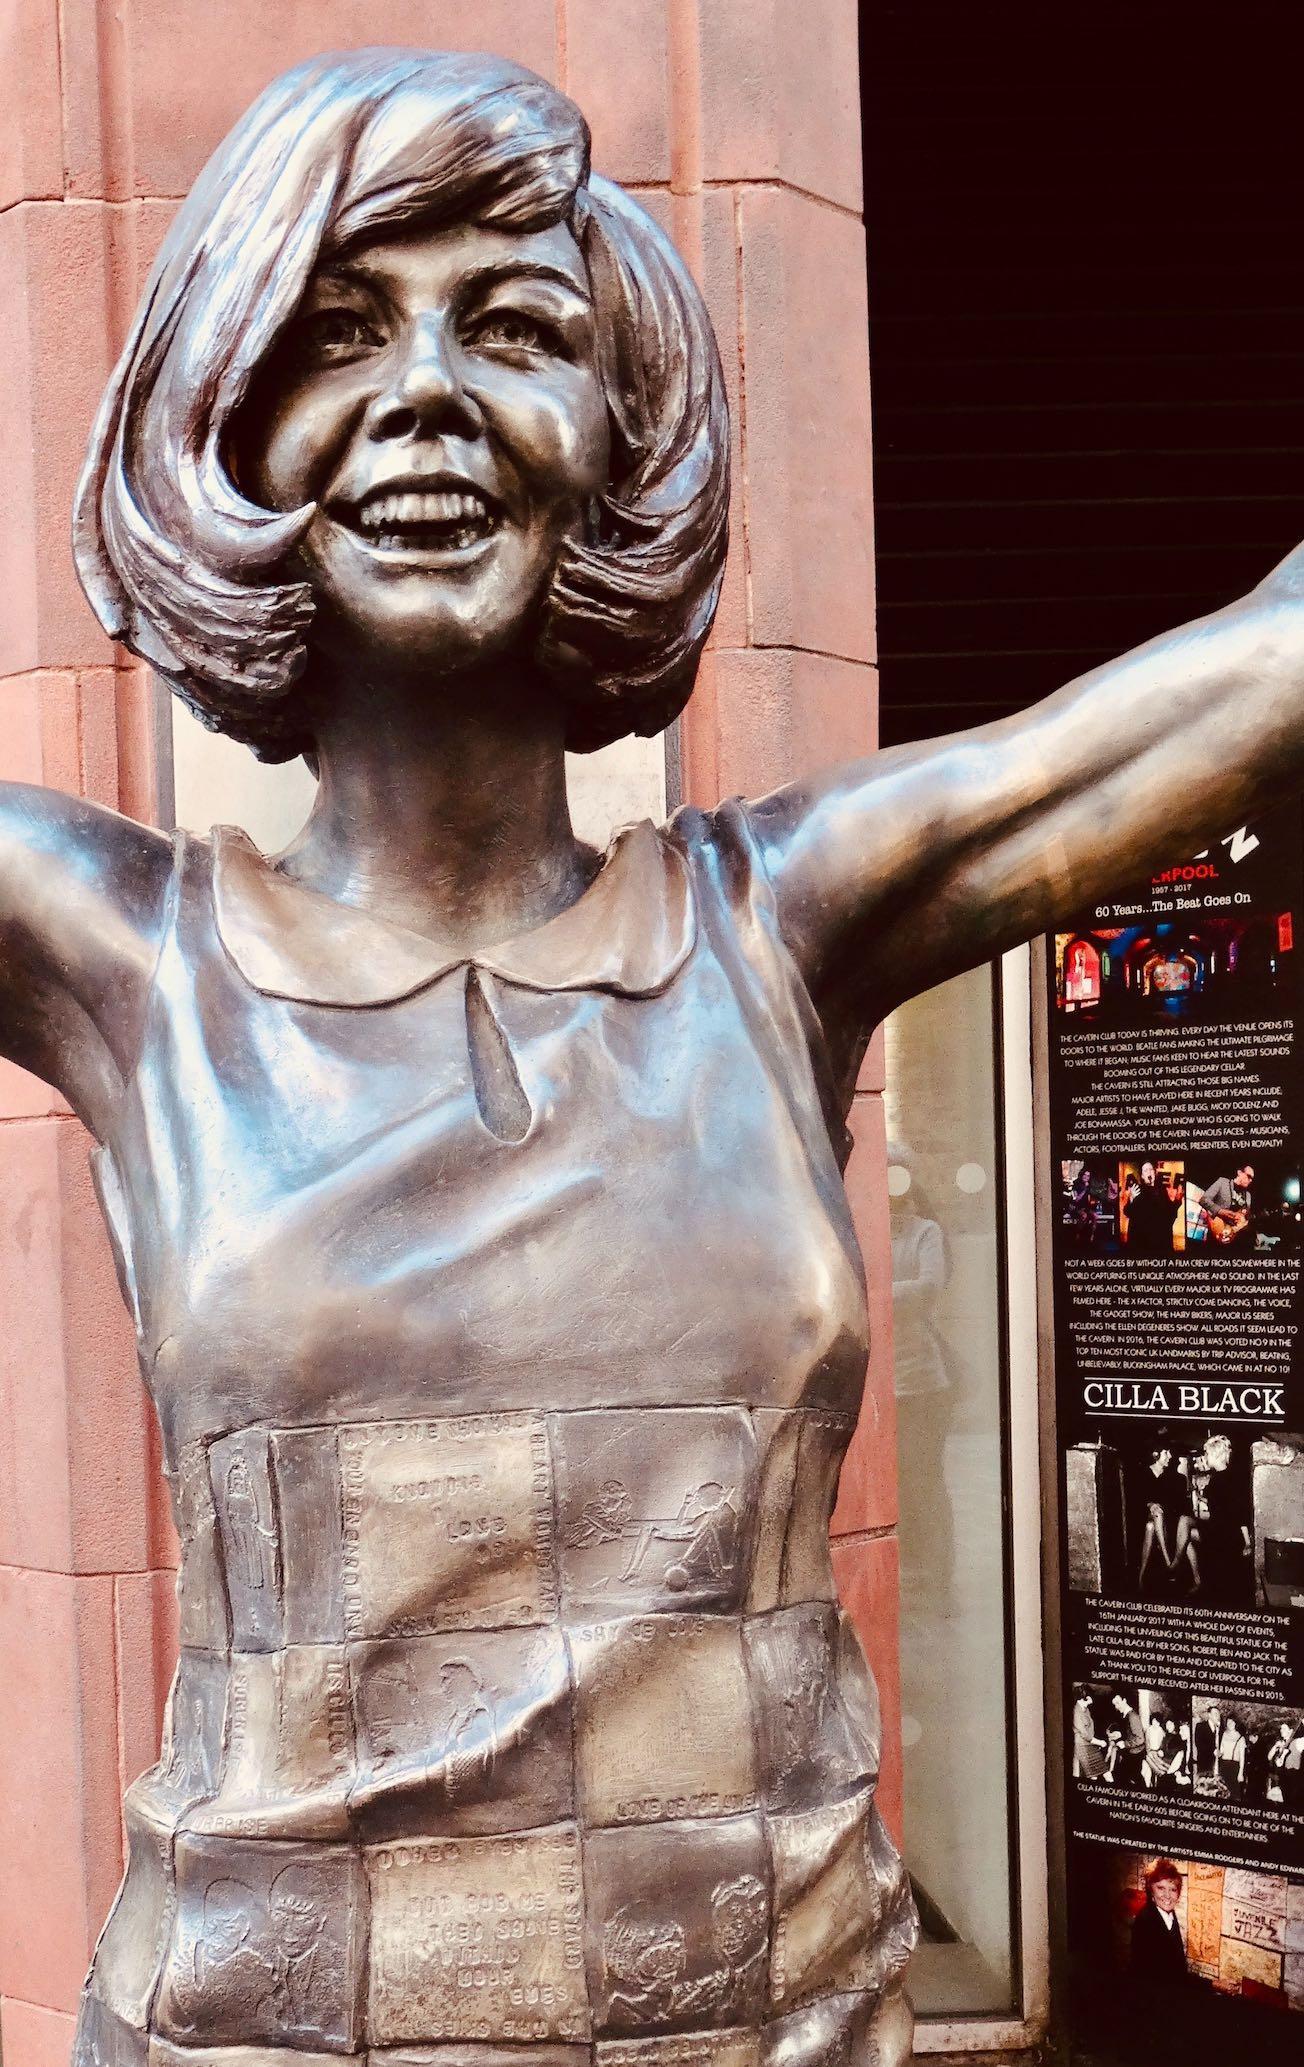 Cilla Black statue Liverpool.